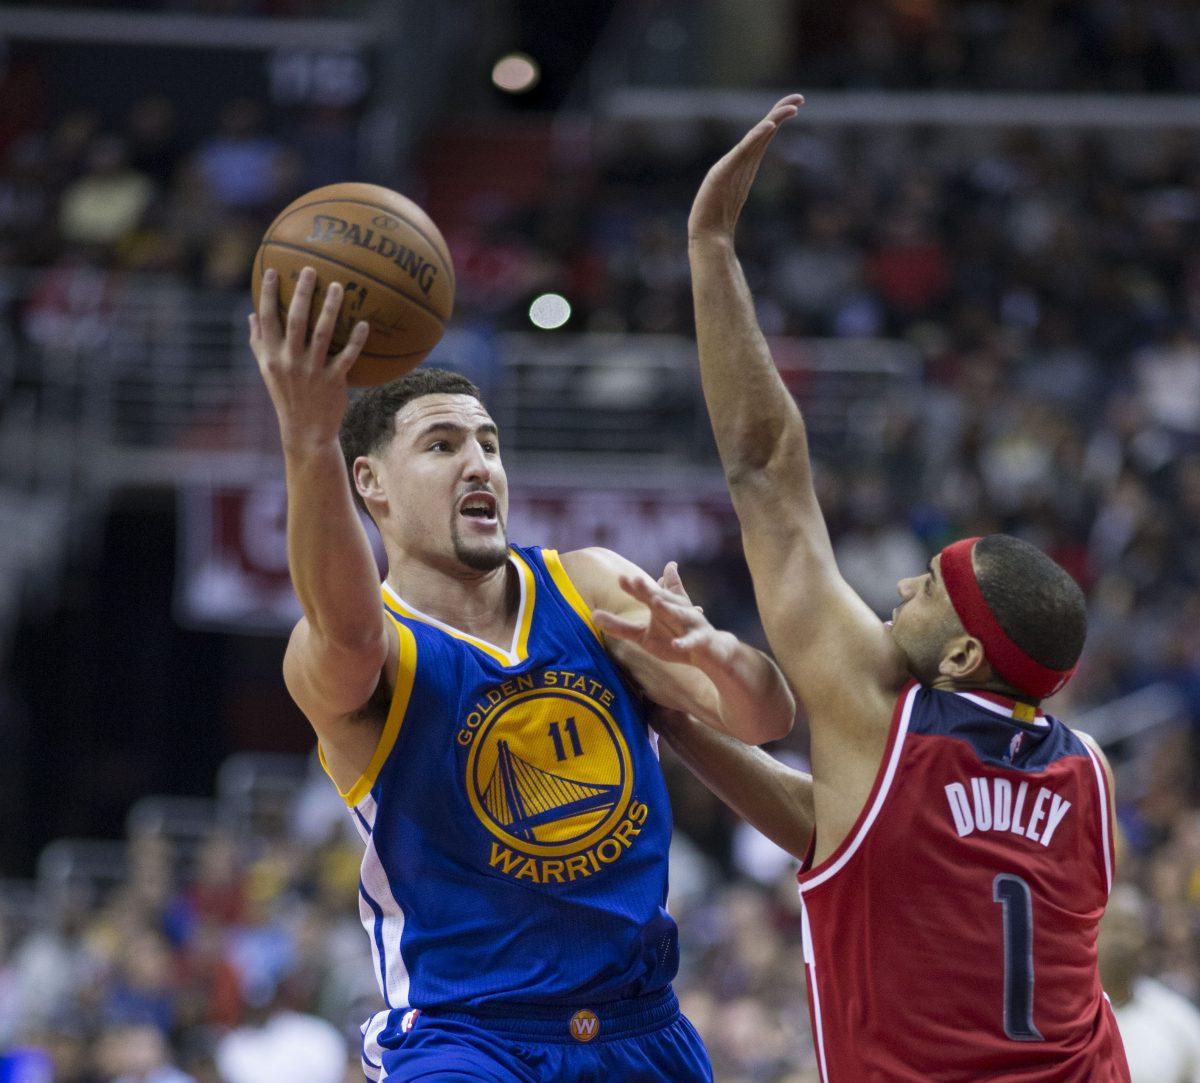 Warriors tasoitti finaalisarjan - Klay Thompson joutui keskeyttämään Koripallo Uncategorized Urheilu